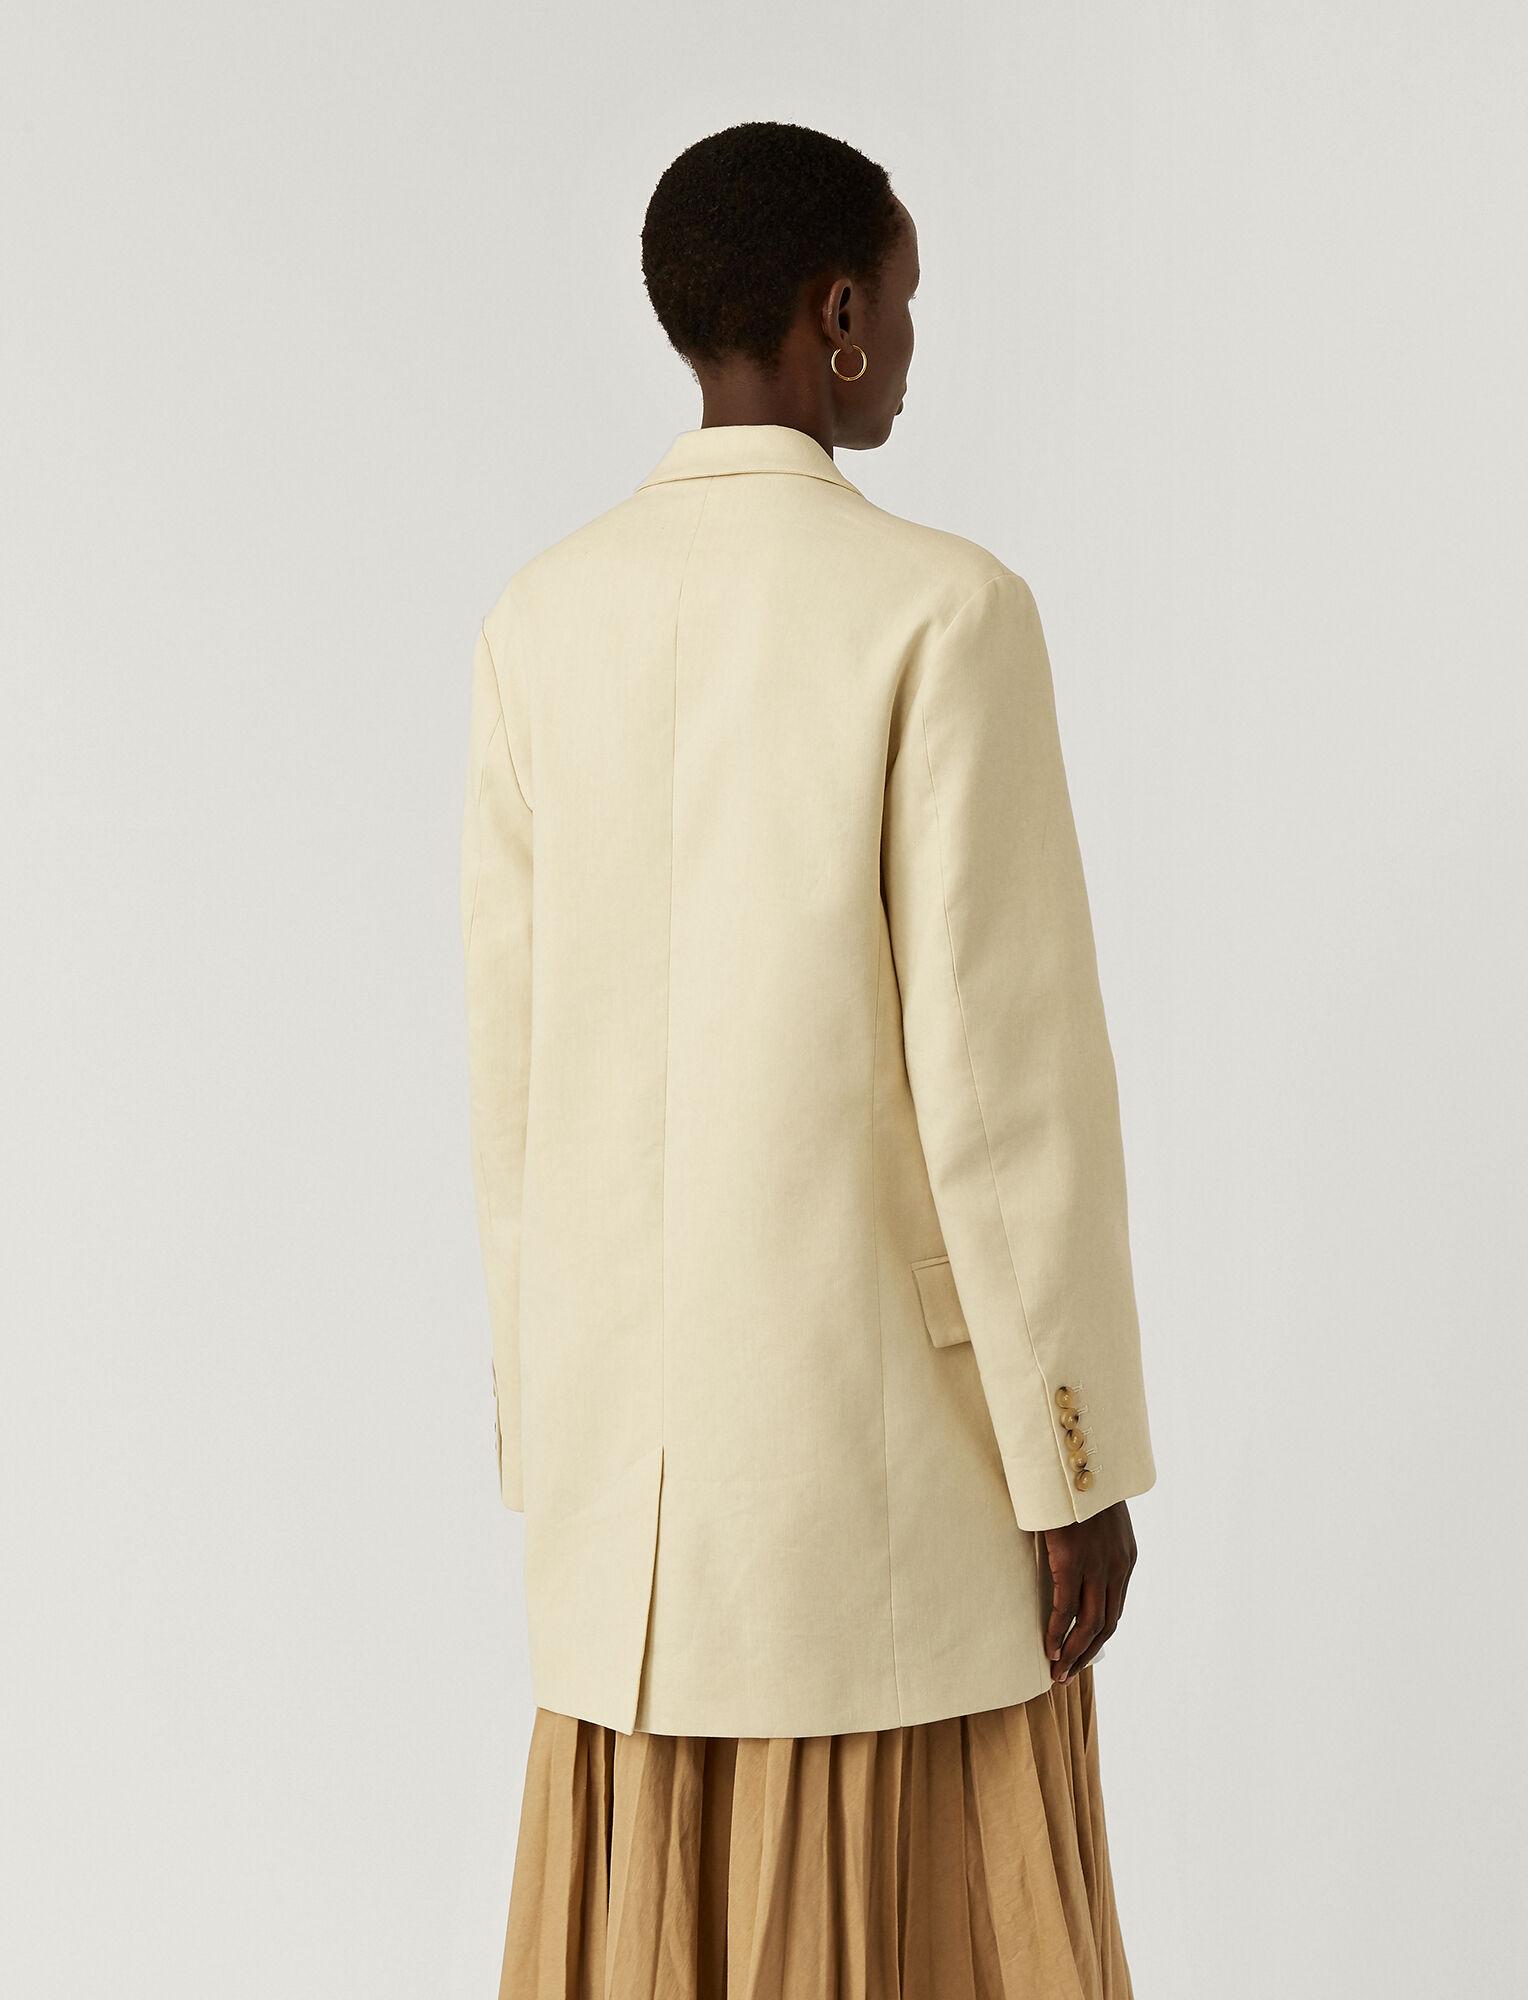 Joseph, Stretch Linen Cotton Julia Jacket, in OAT